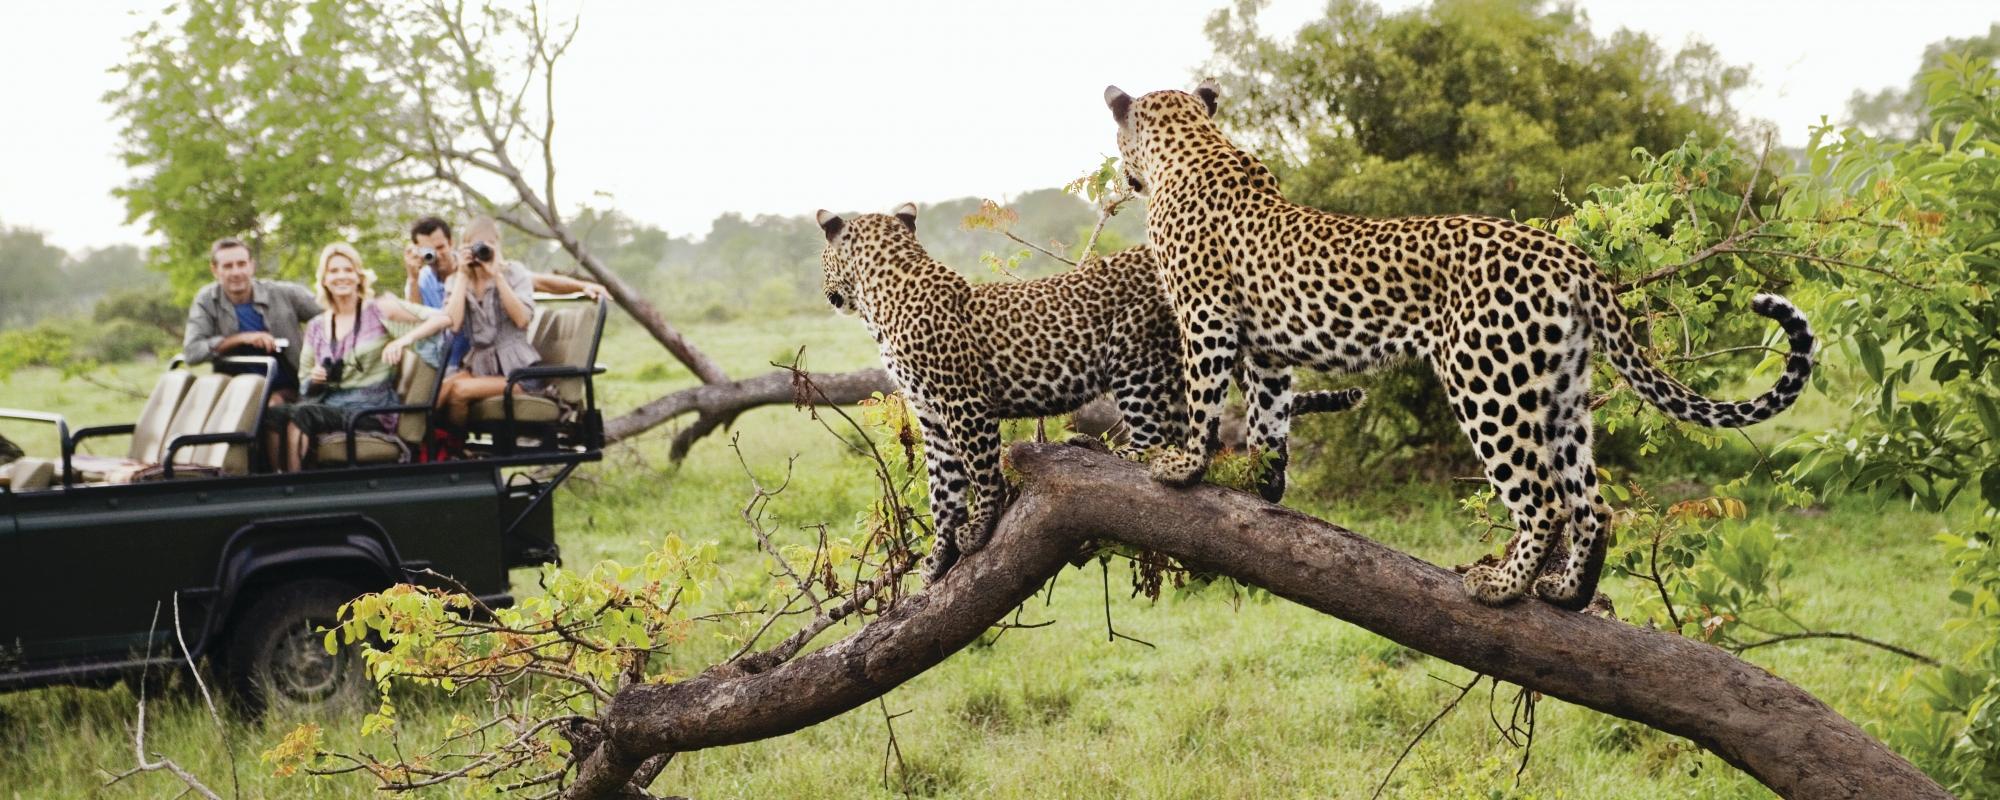 Cheetahs Safari